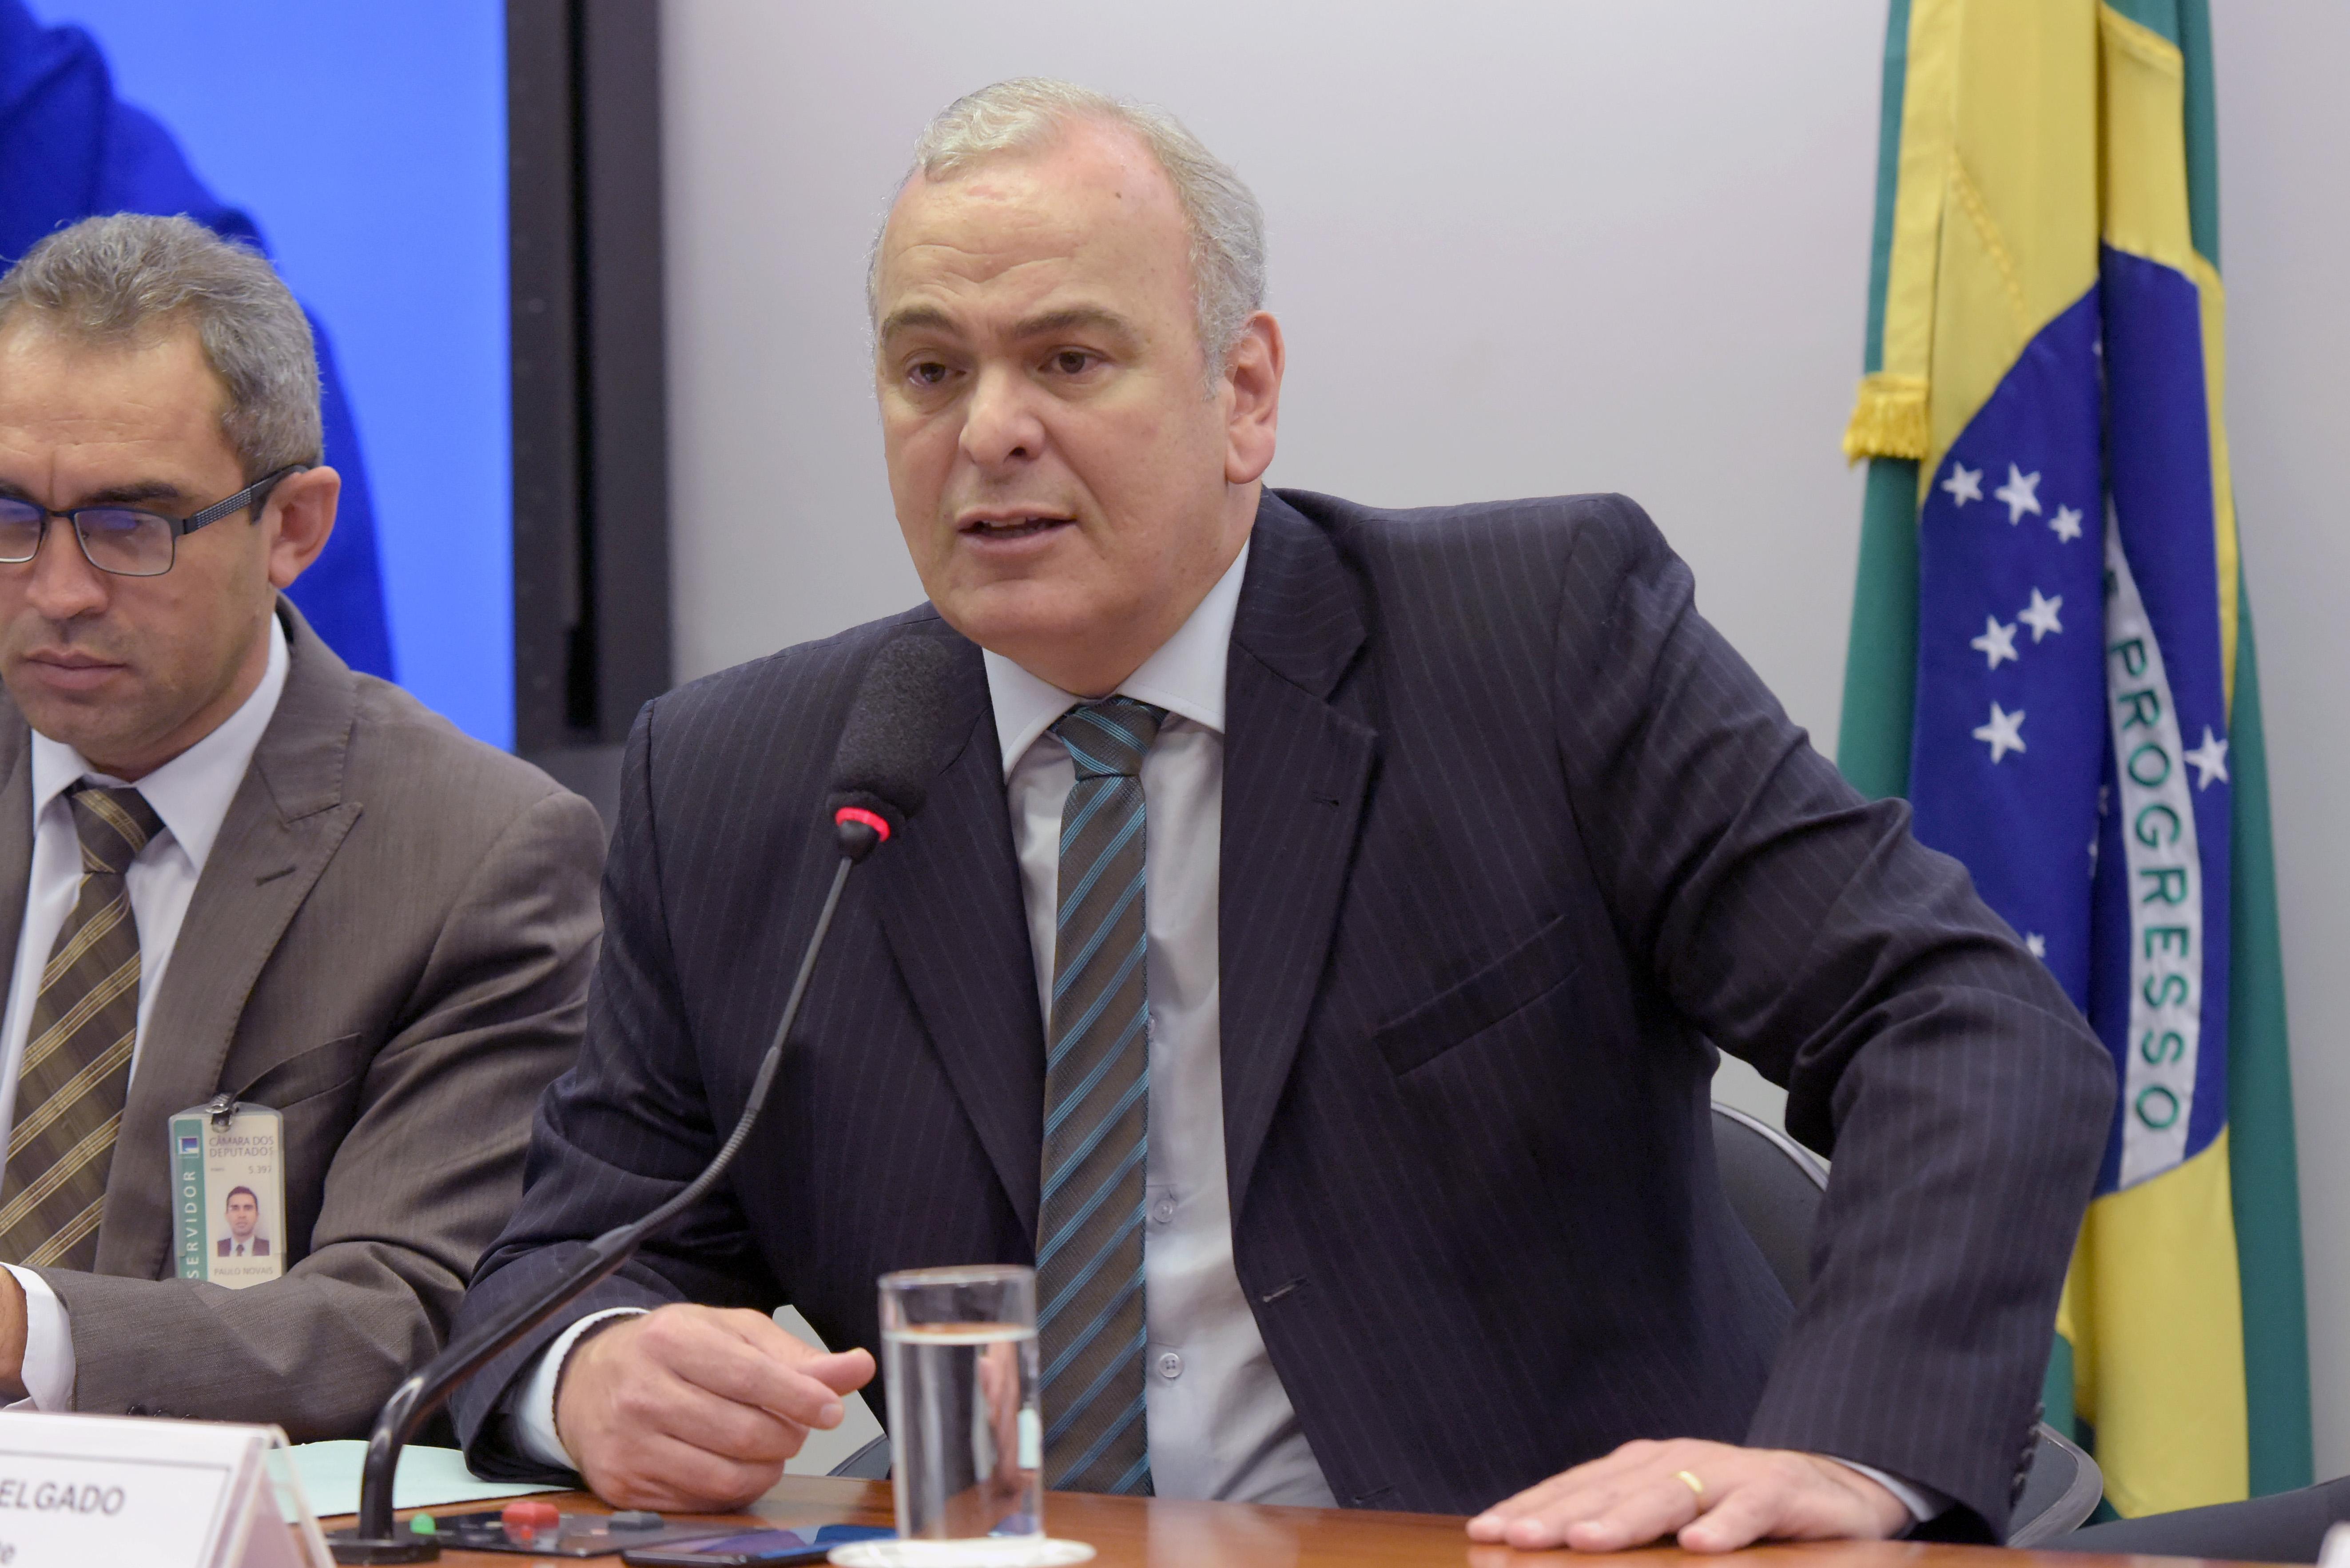 Audiência pública para tomada de depoimentos. Dep. Julio Delgado (PSB - MG)